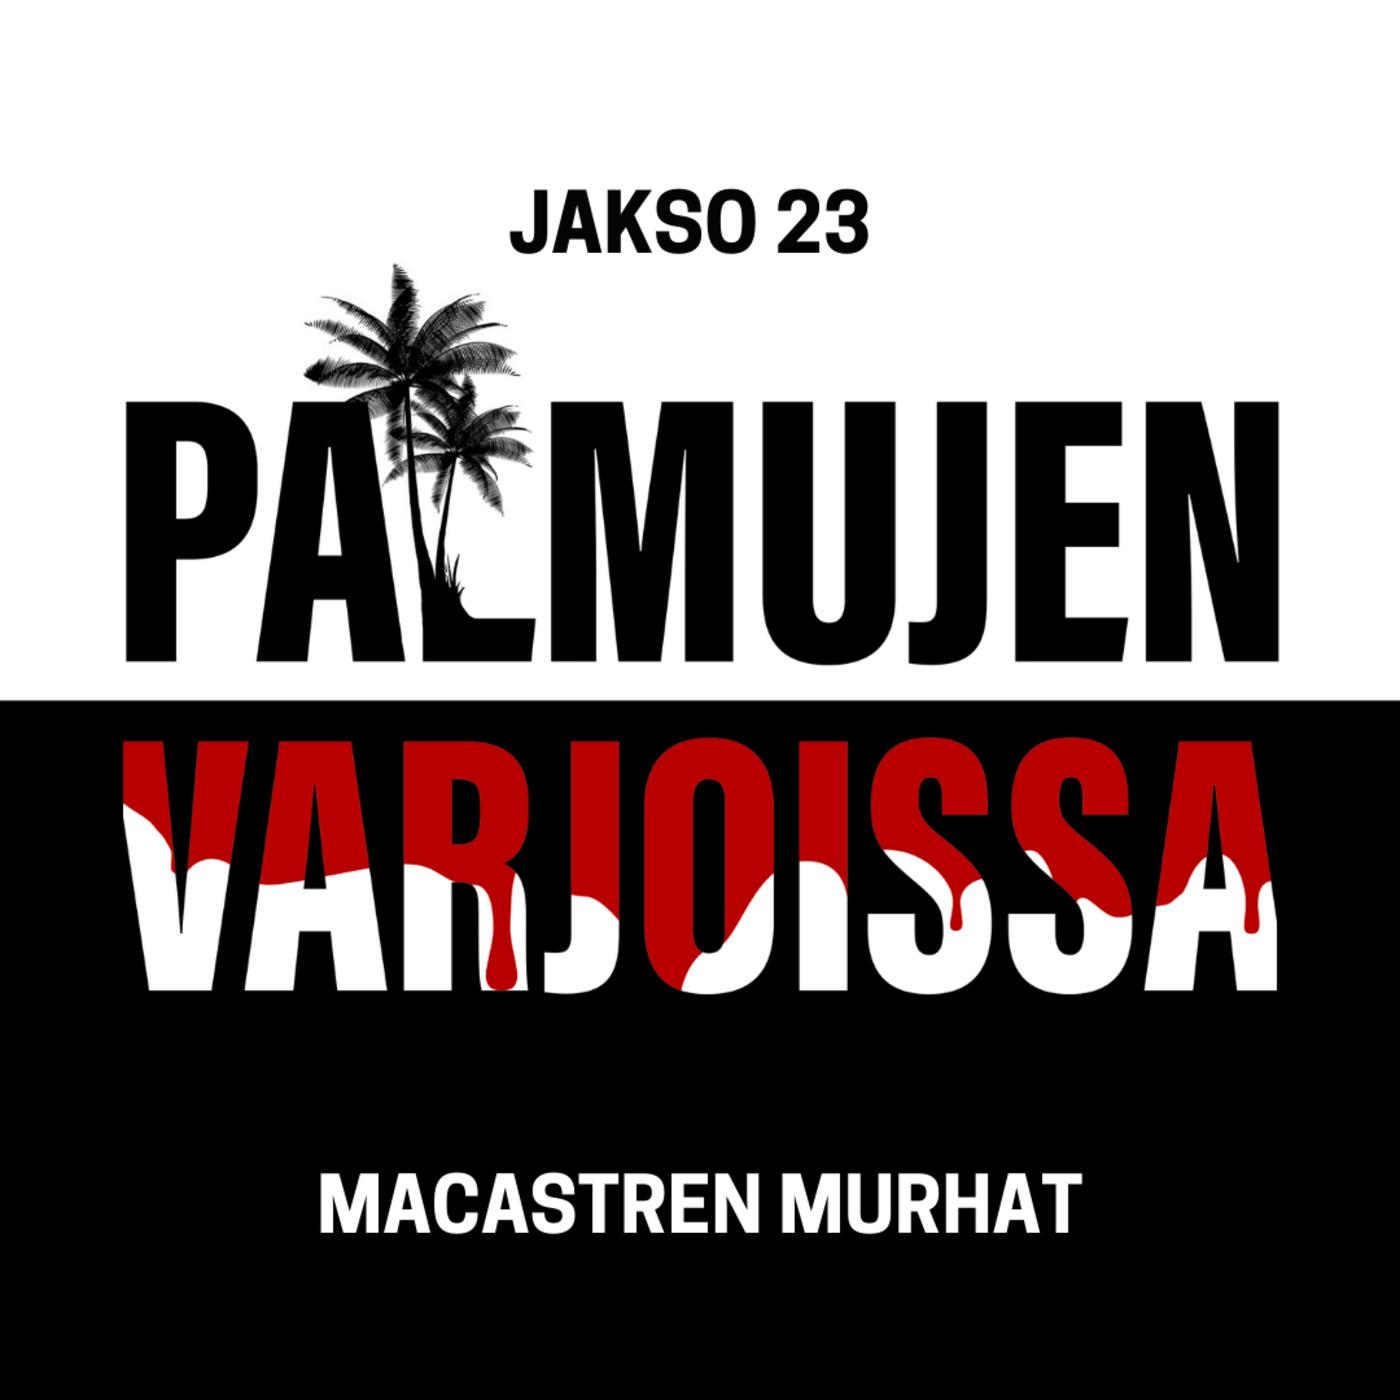 23: Macastren murhat